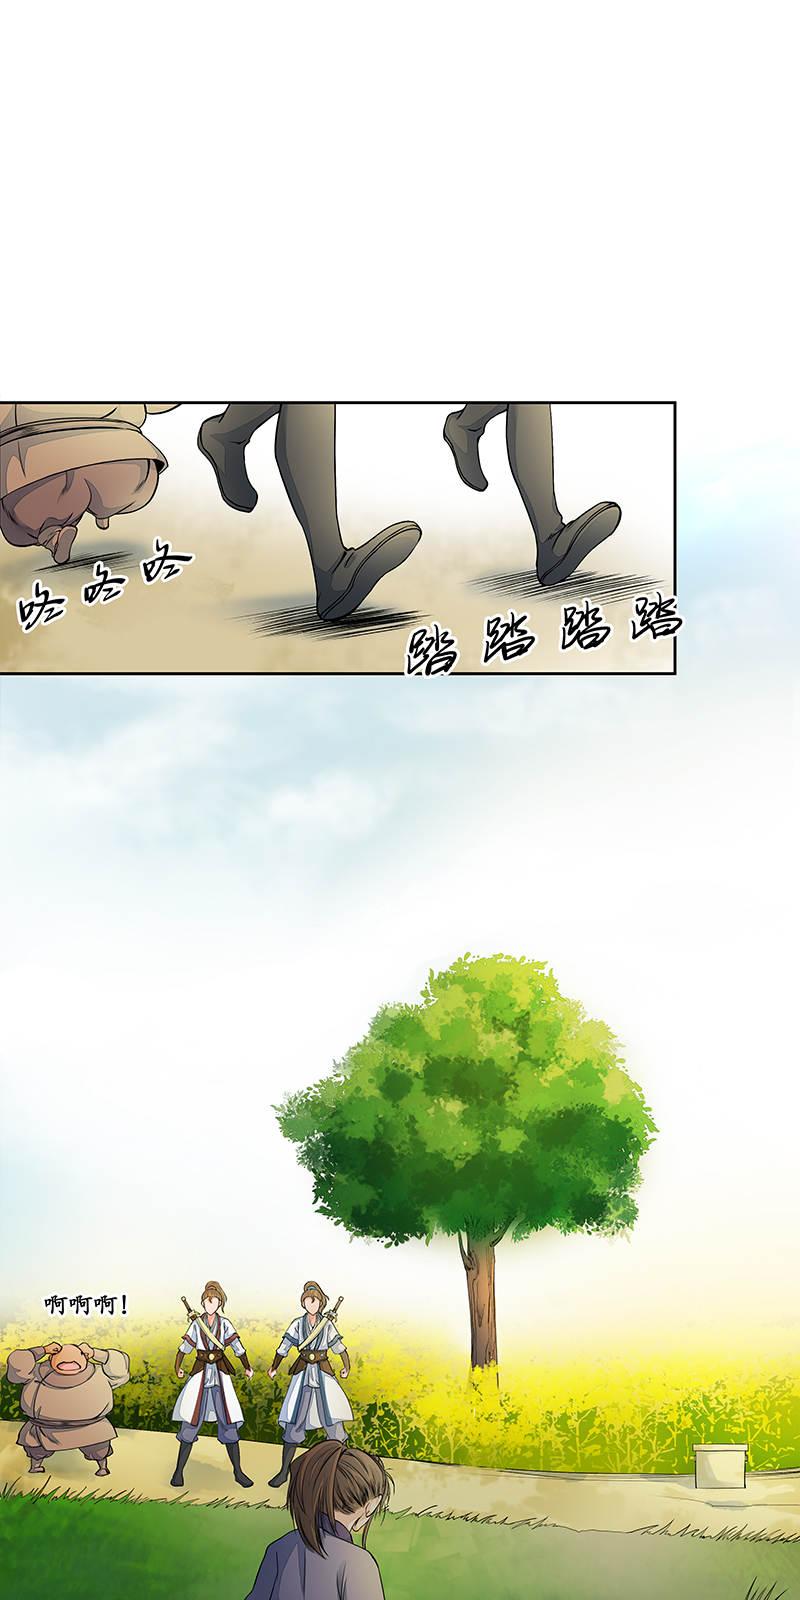 逍遥游第24话  屡战屡败终不悔 第 8